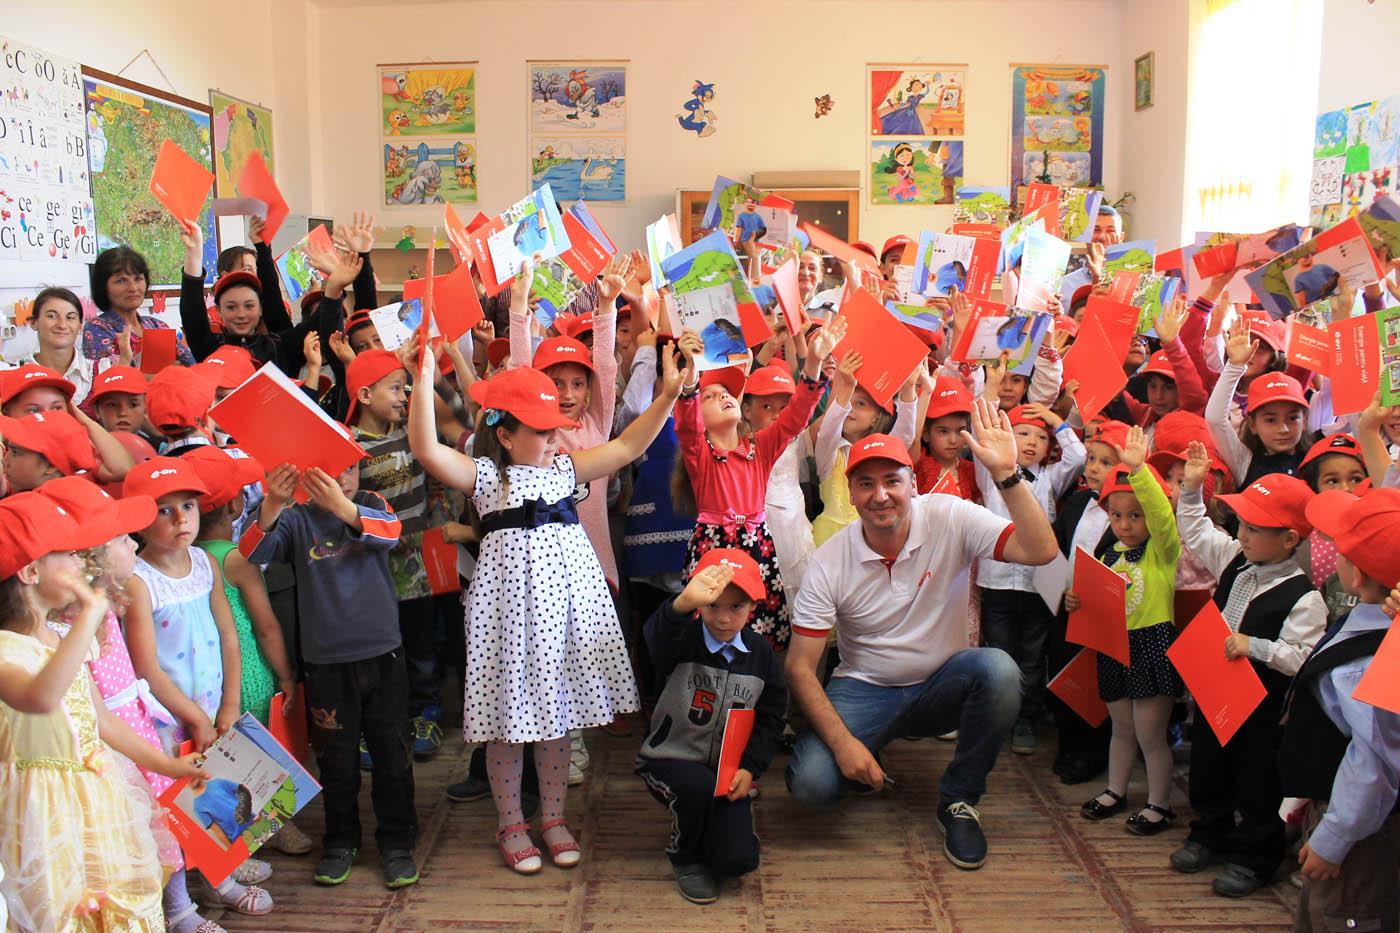 Pompierii și voluntarii E.ON au susținut lecții despre siguranță la școlile din Pâncești și Icușești